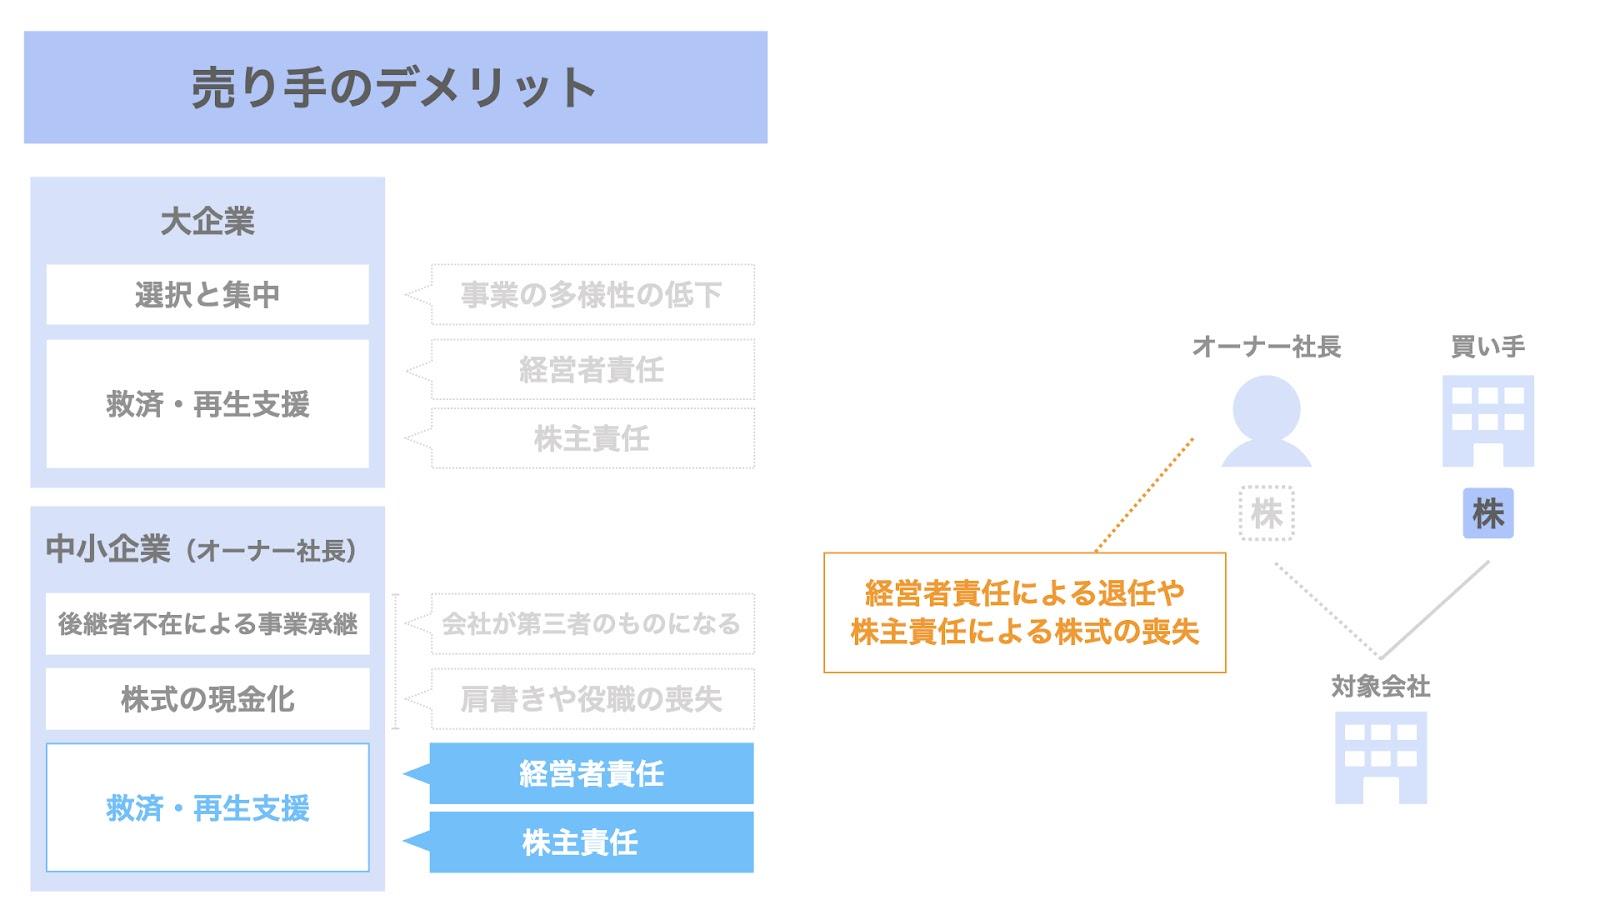 売り手(オーナー社長)におけるM&Aのデメリット③ 救済・再生支援の要請によるデメリット